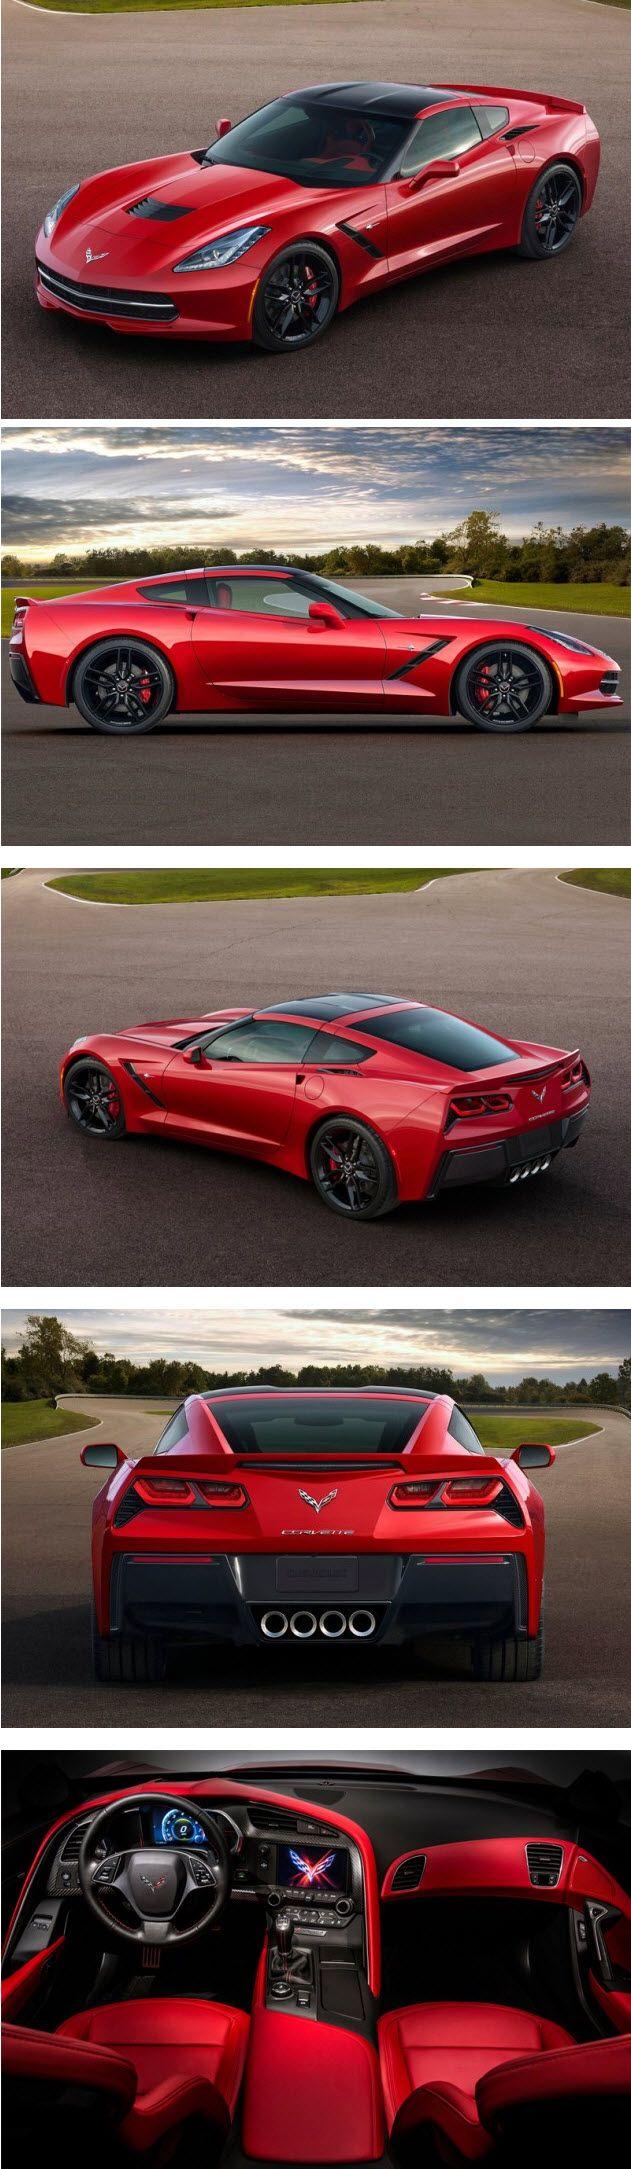 The 25 best 2014 chevrolet corvette ideas on pinterest corvette c7 stingray 2014 corvette stingray and 2014 corvette